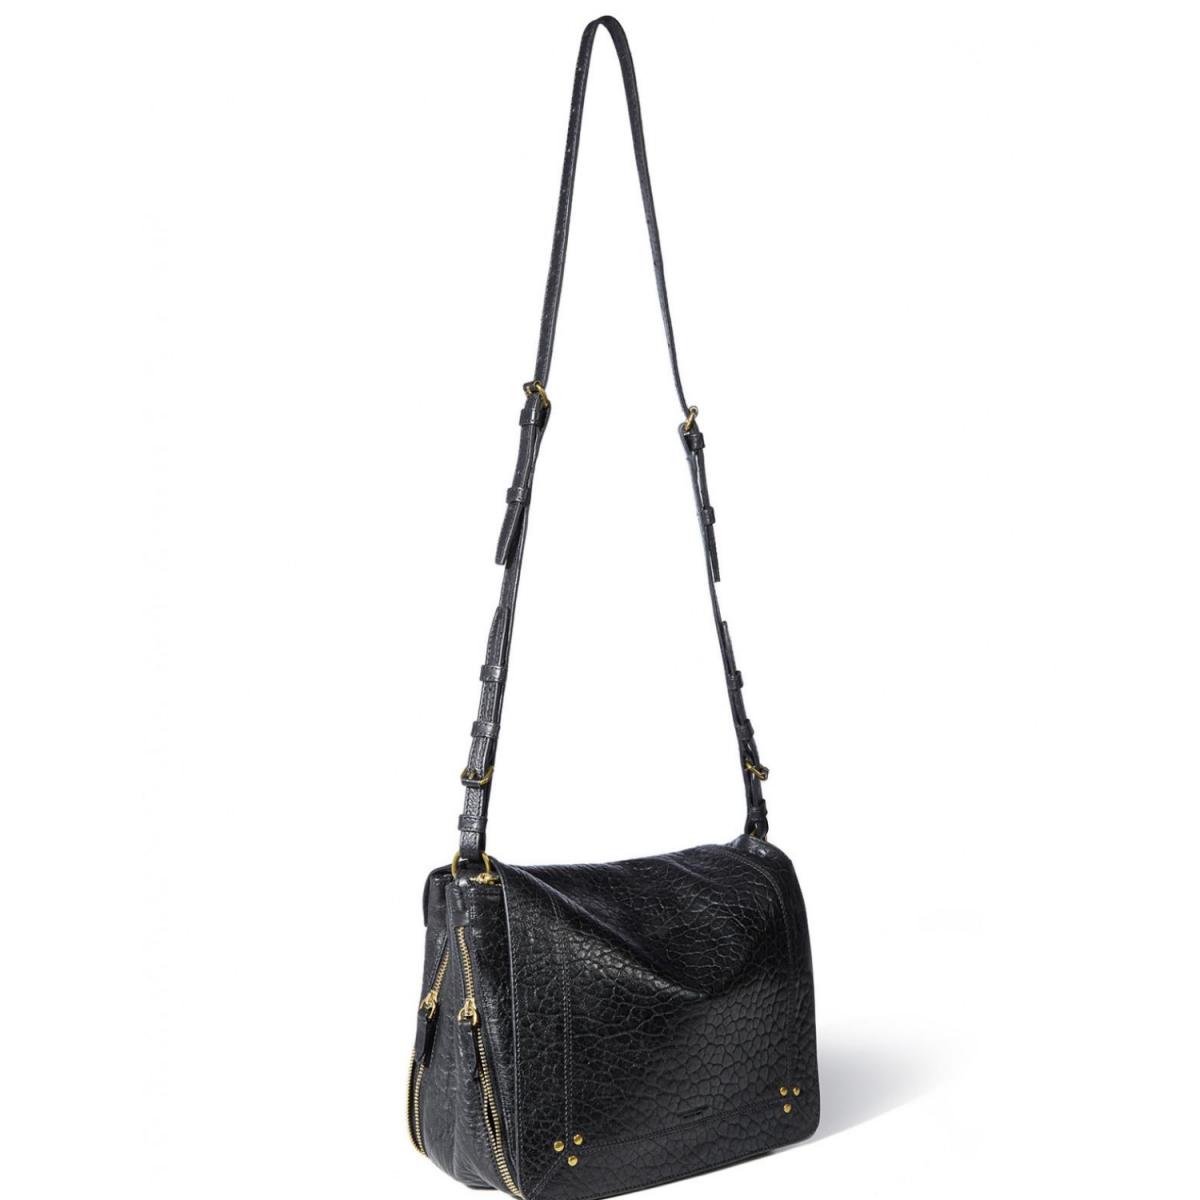 igor taske - black - med strop